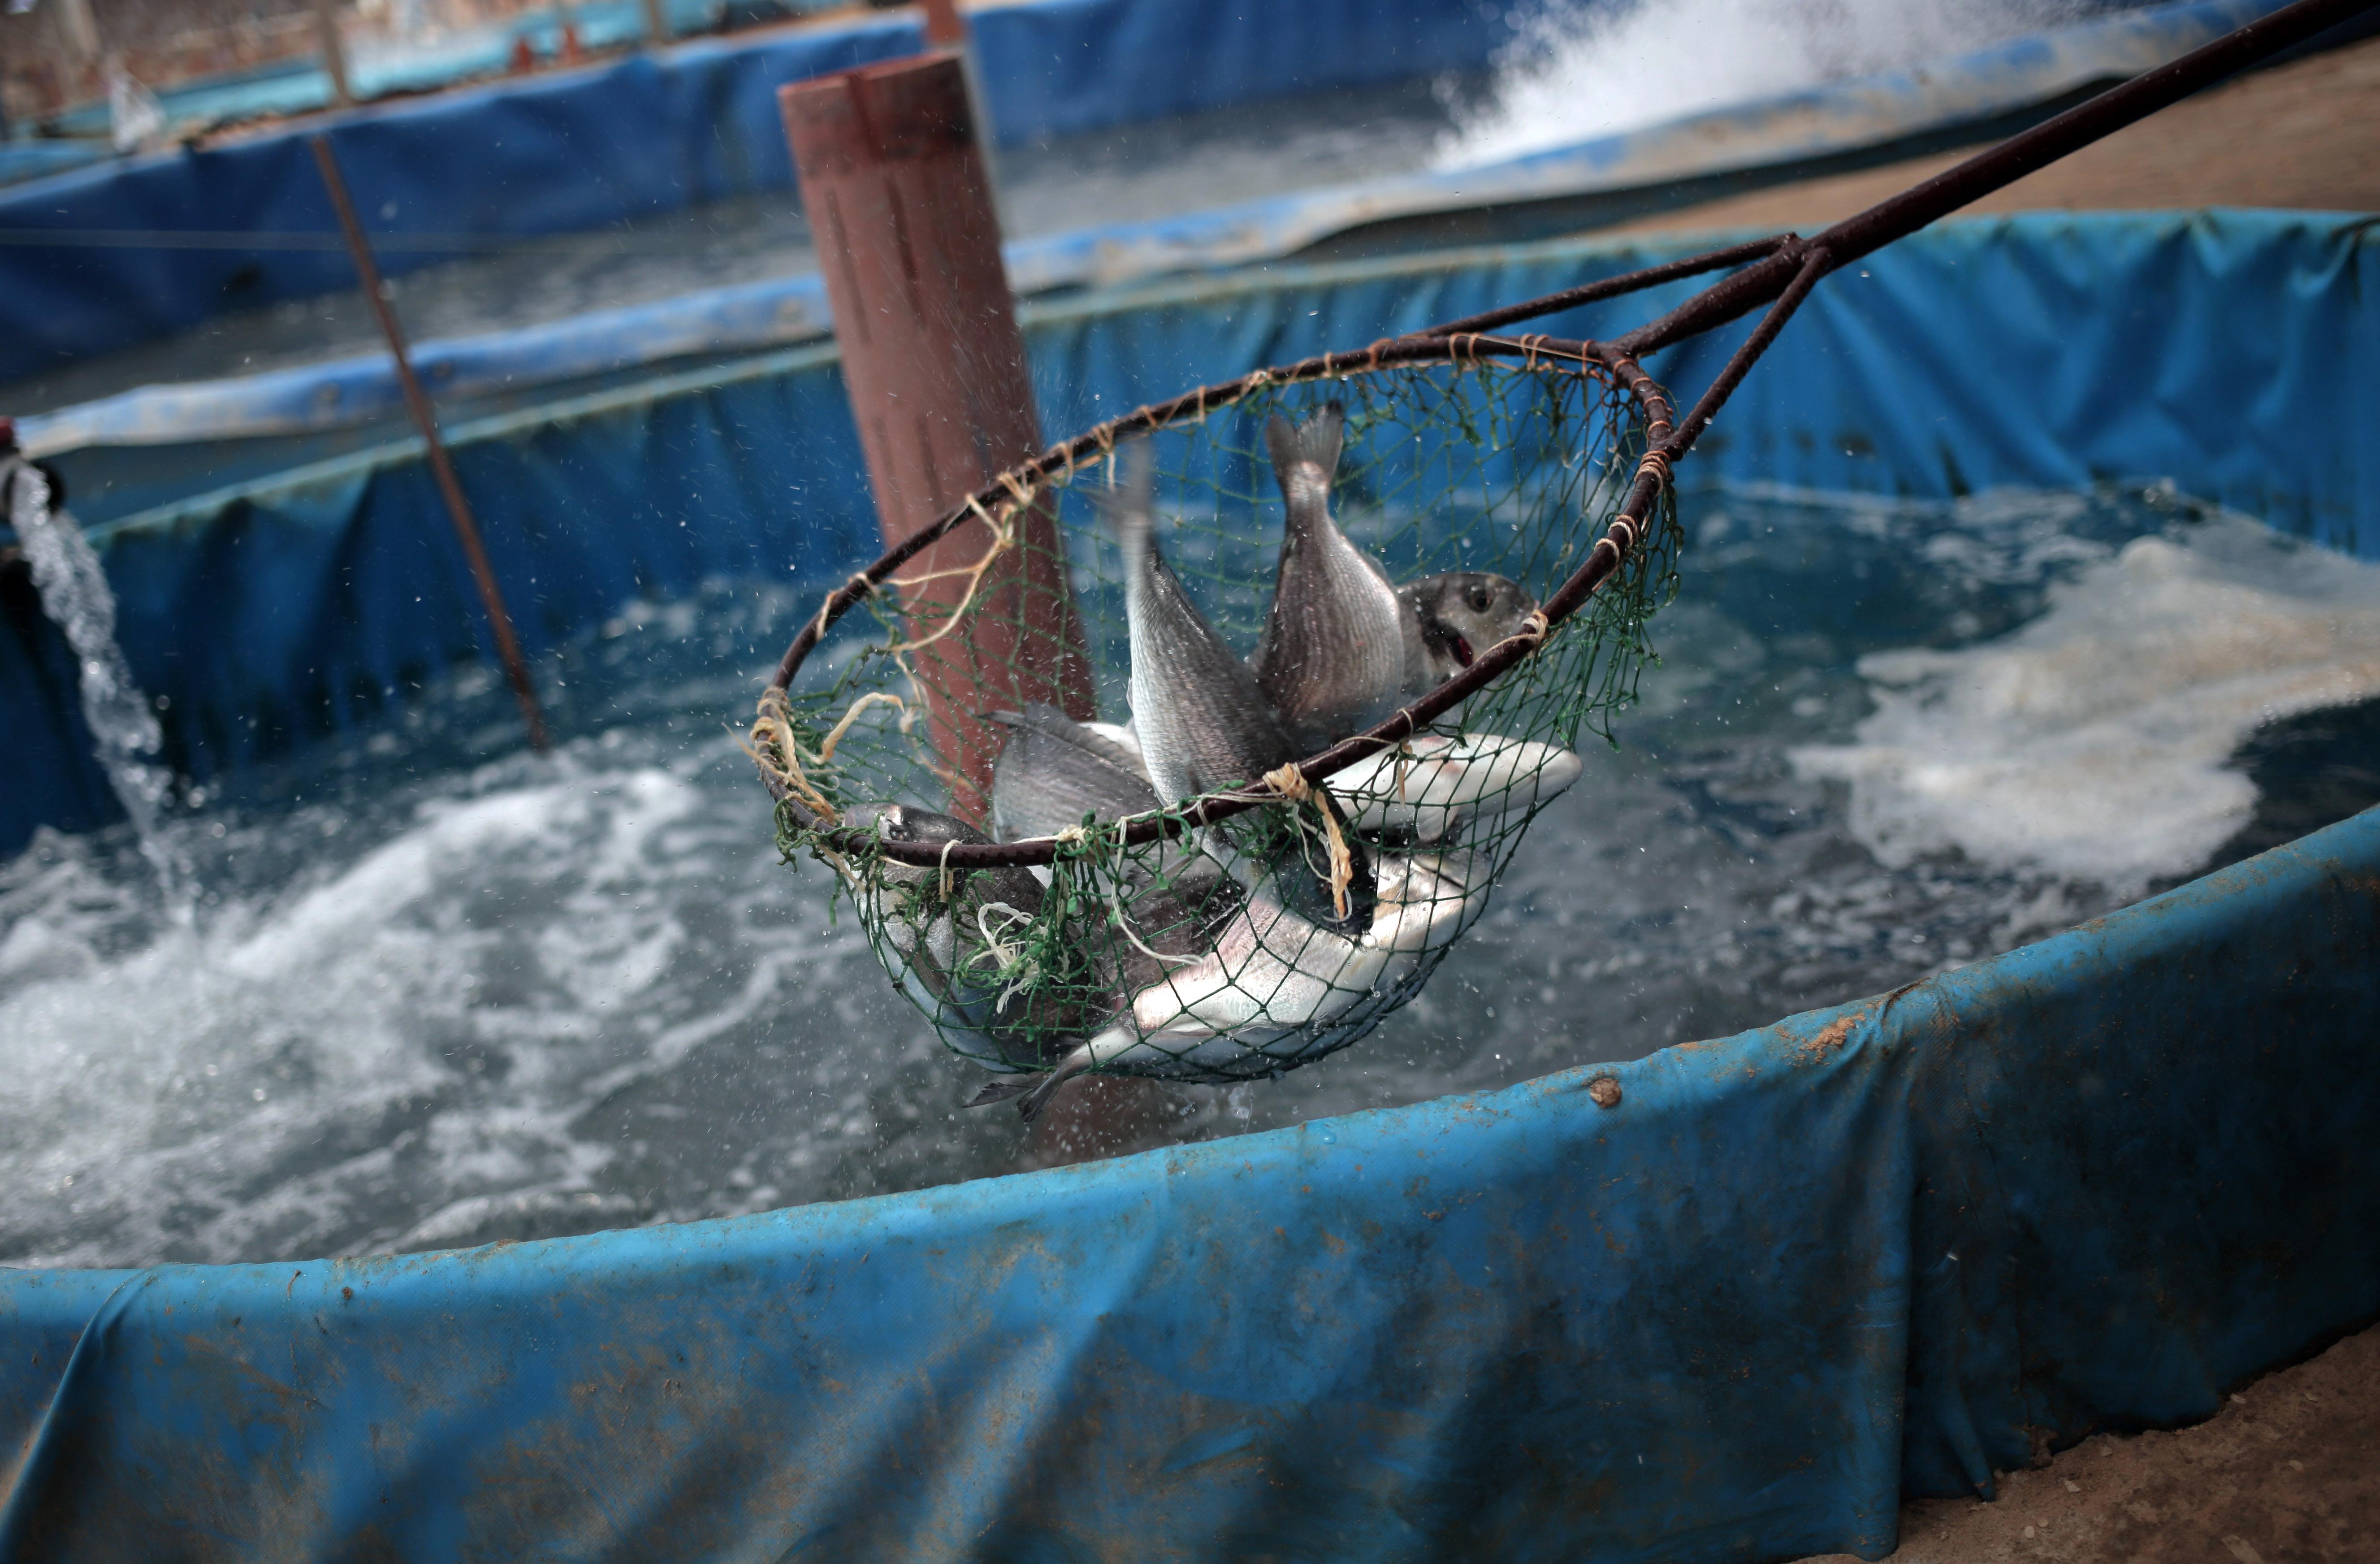 Crean en la franja de gaza criaderos de peces noticias for Granja de peces ornamentales